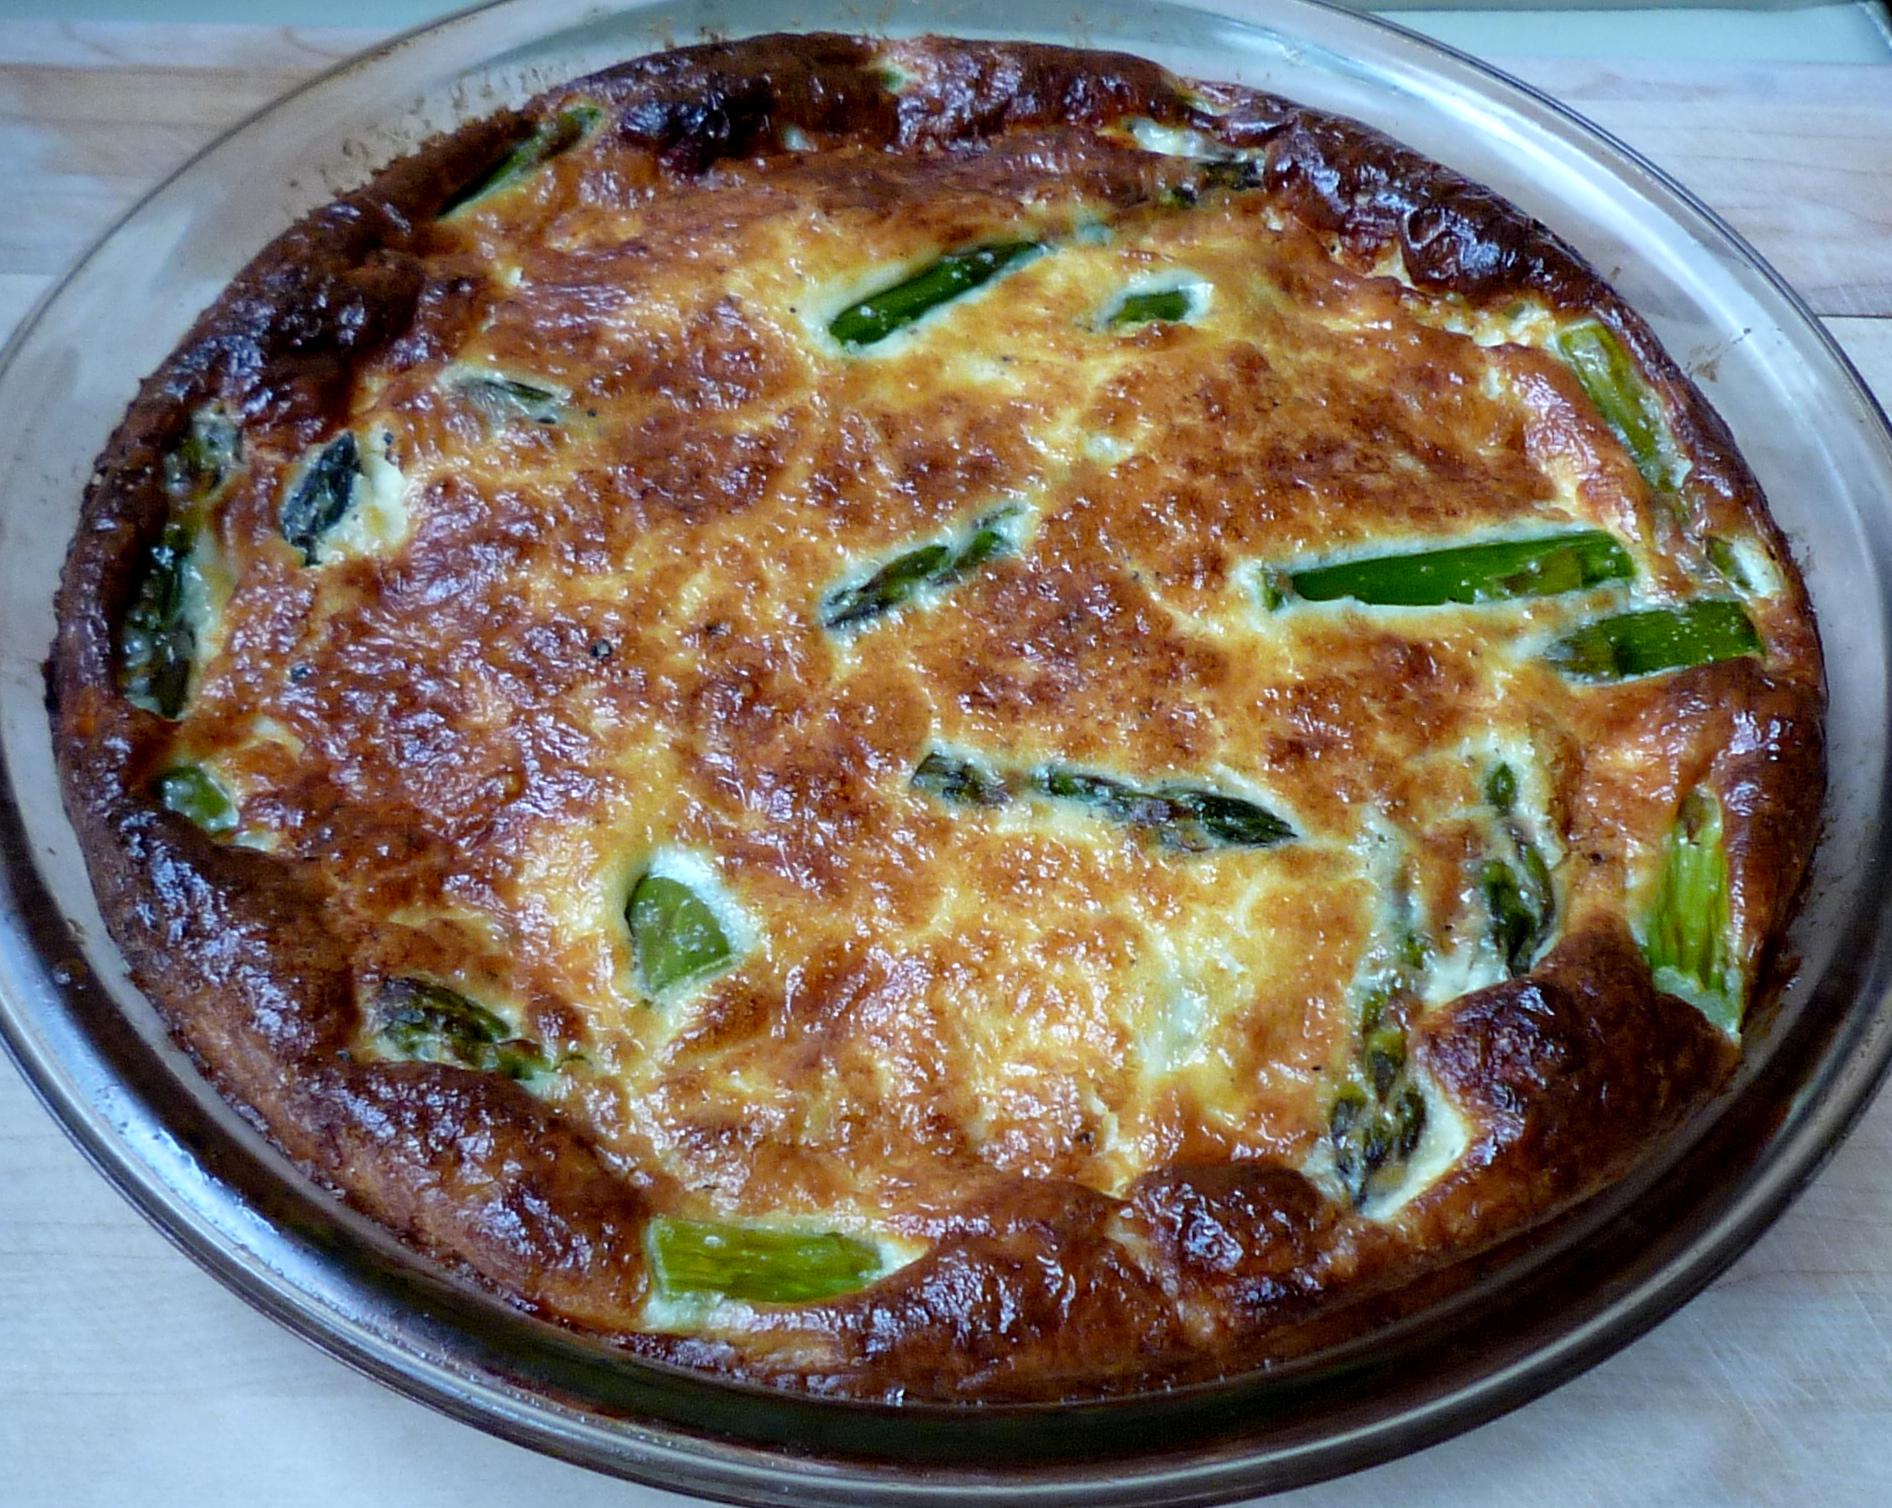 Easy Crustless Asparagus Quiche